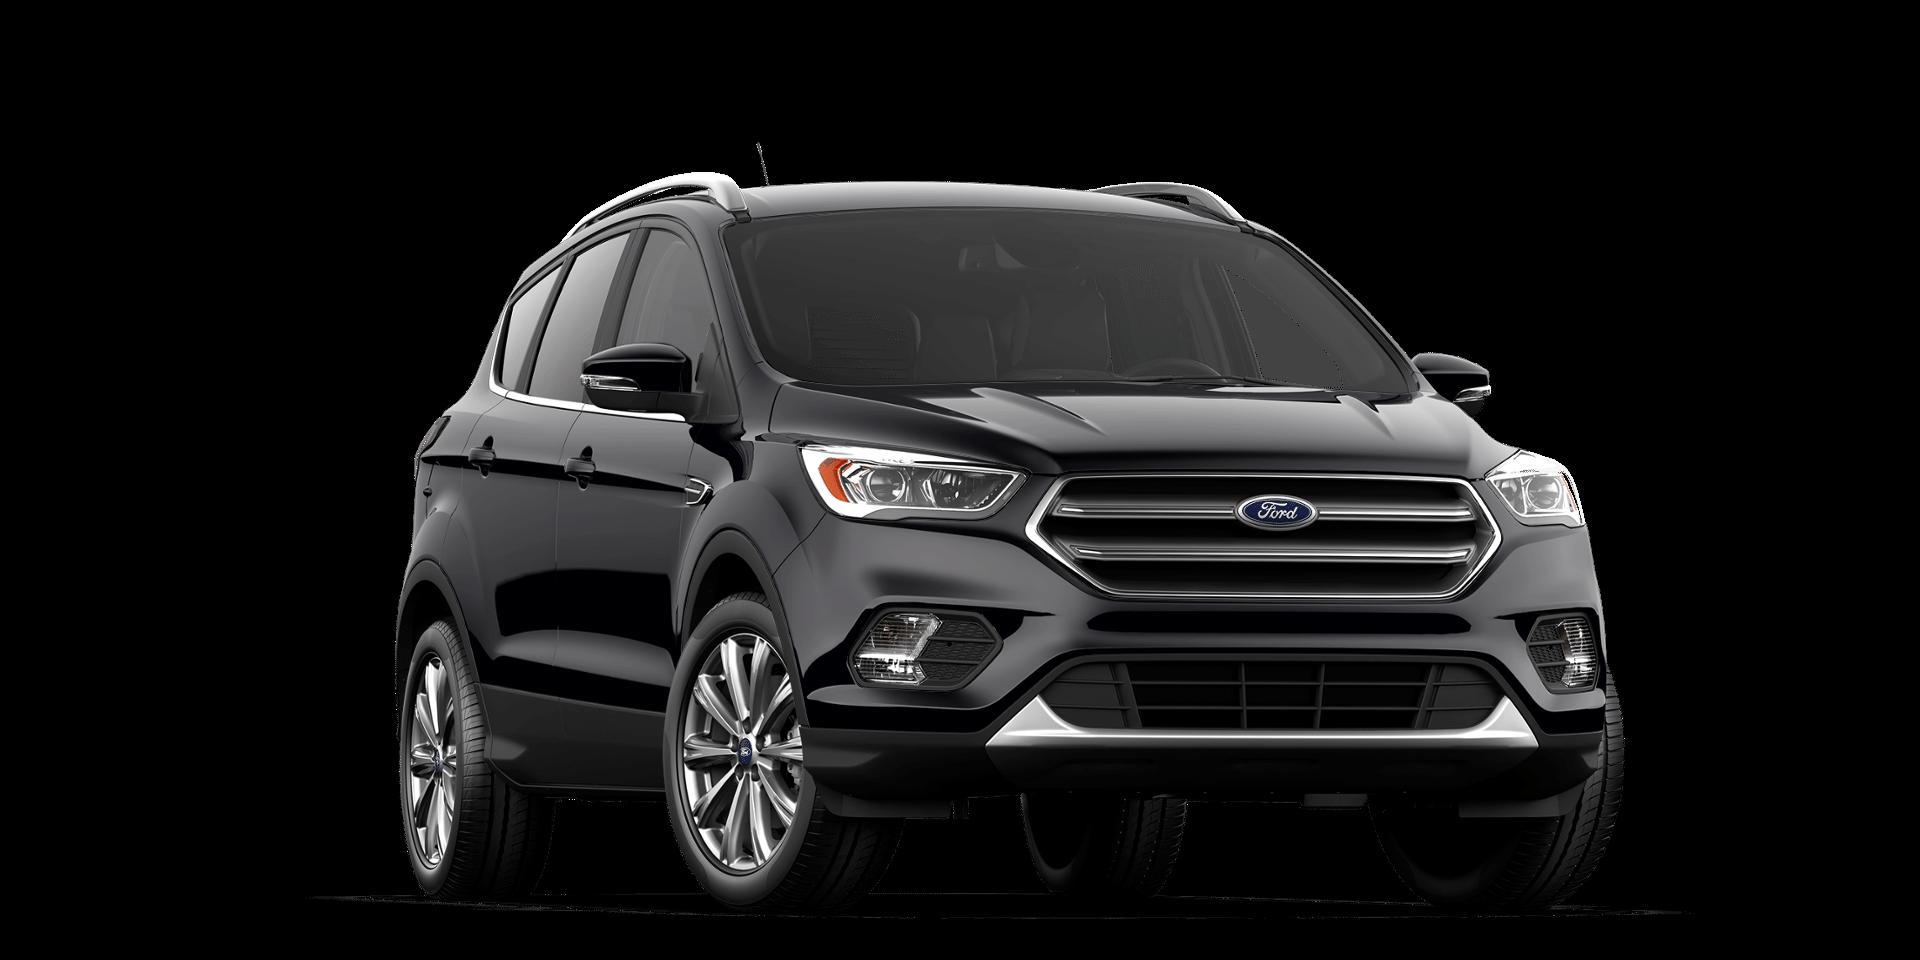 2017 Ford Escape Build Price Titanium Ford Escape 2017 Ford Escape Ford